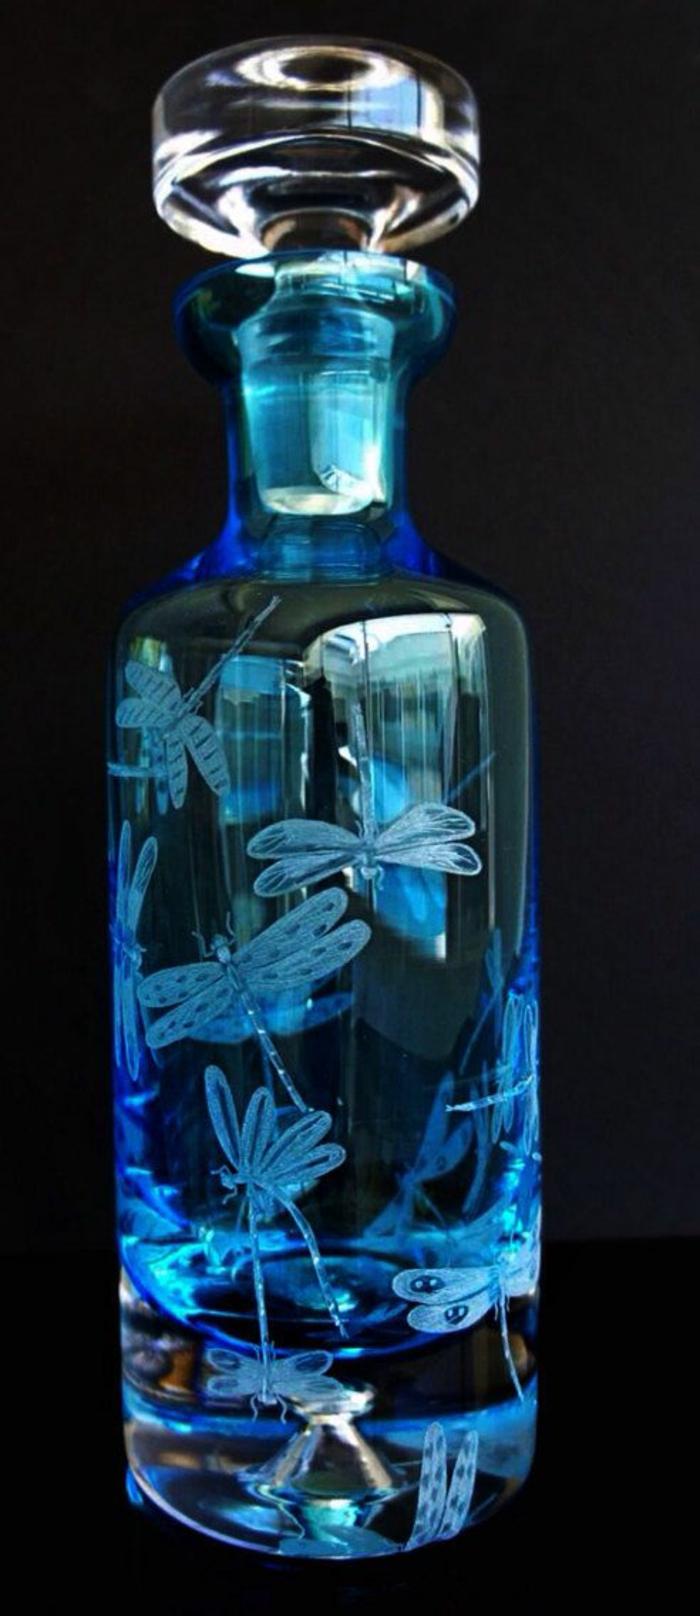 graveur-la-gravure-sur-miroir-gravure-sur-verre-vialon-gravure-jolie-boteil